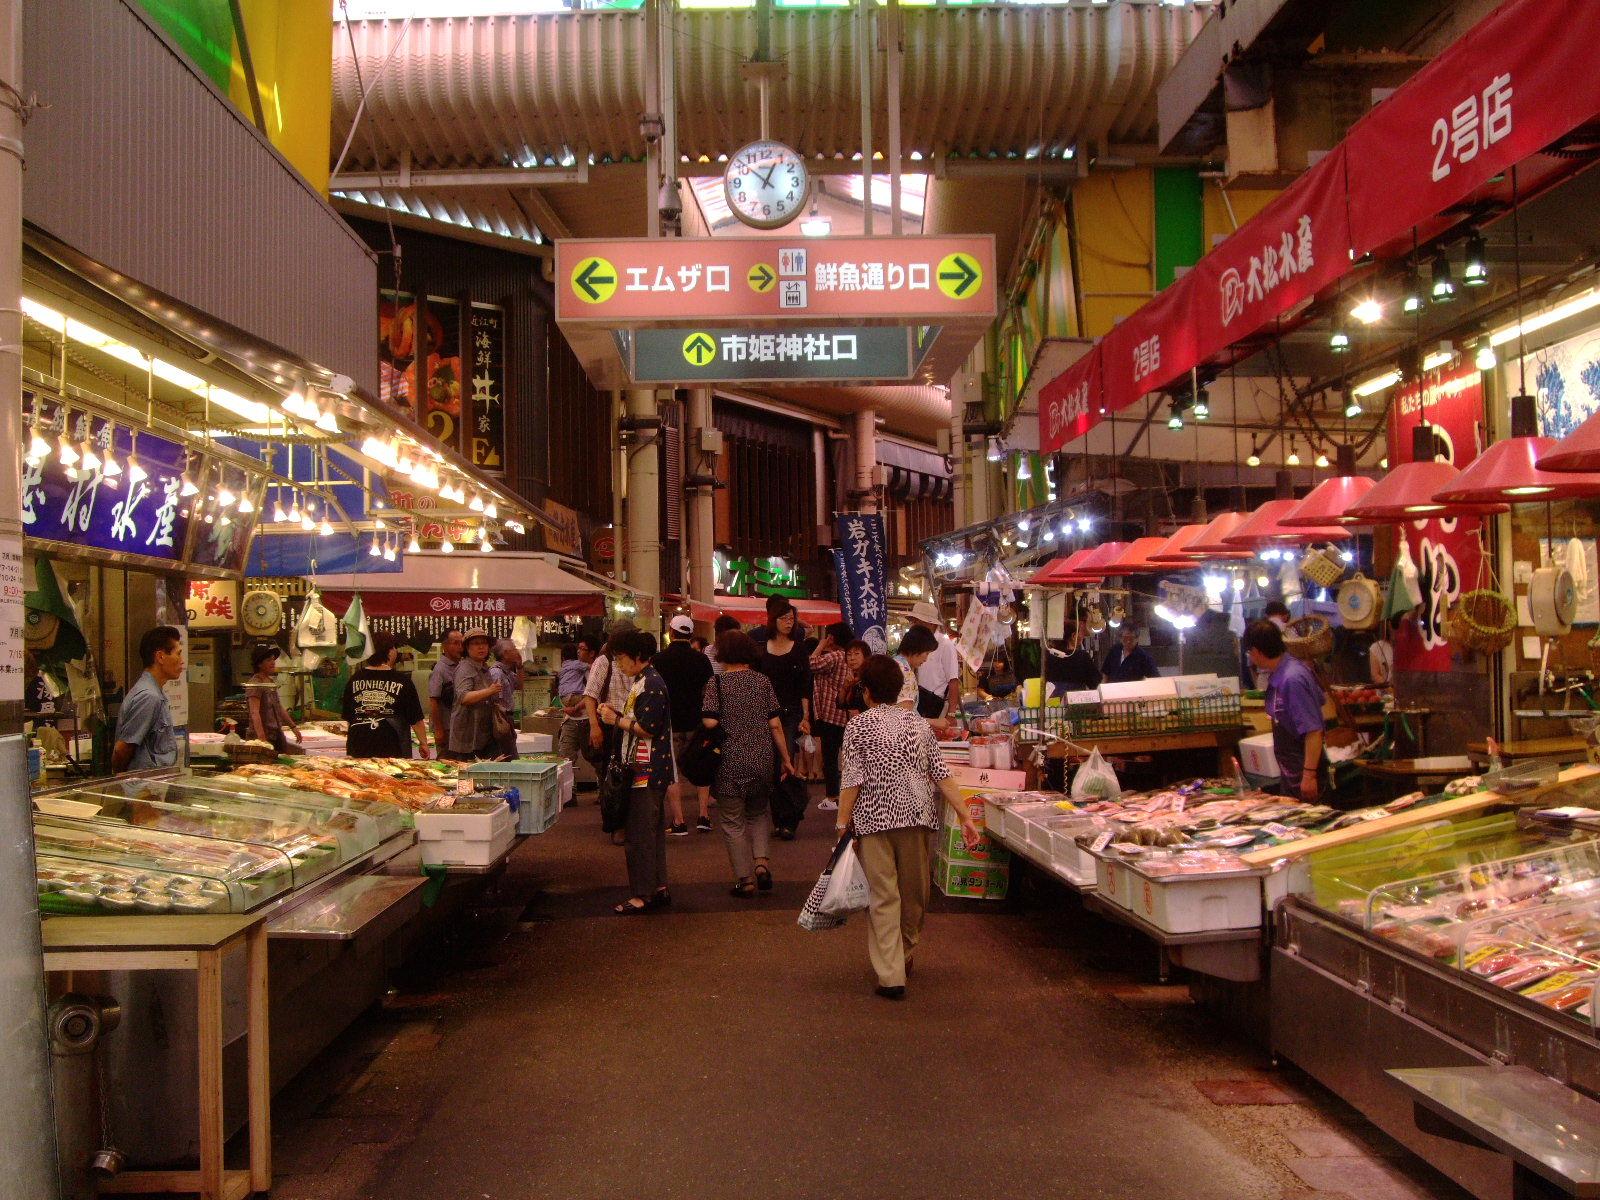 第1話 金沢はまず近江町市場で食し、石川県立美術館のカフェでのんびり_f0100593_171169.jpg